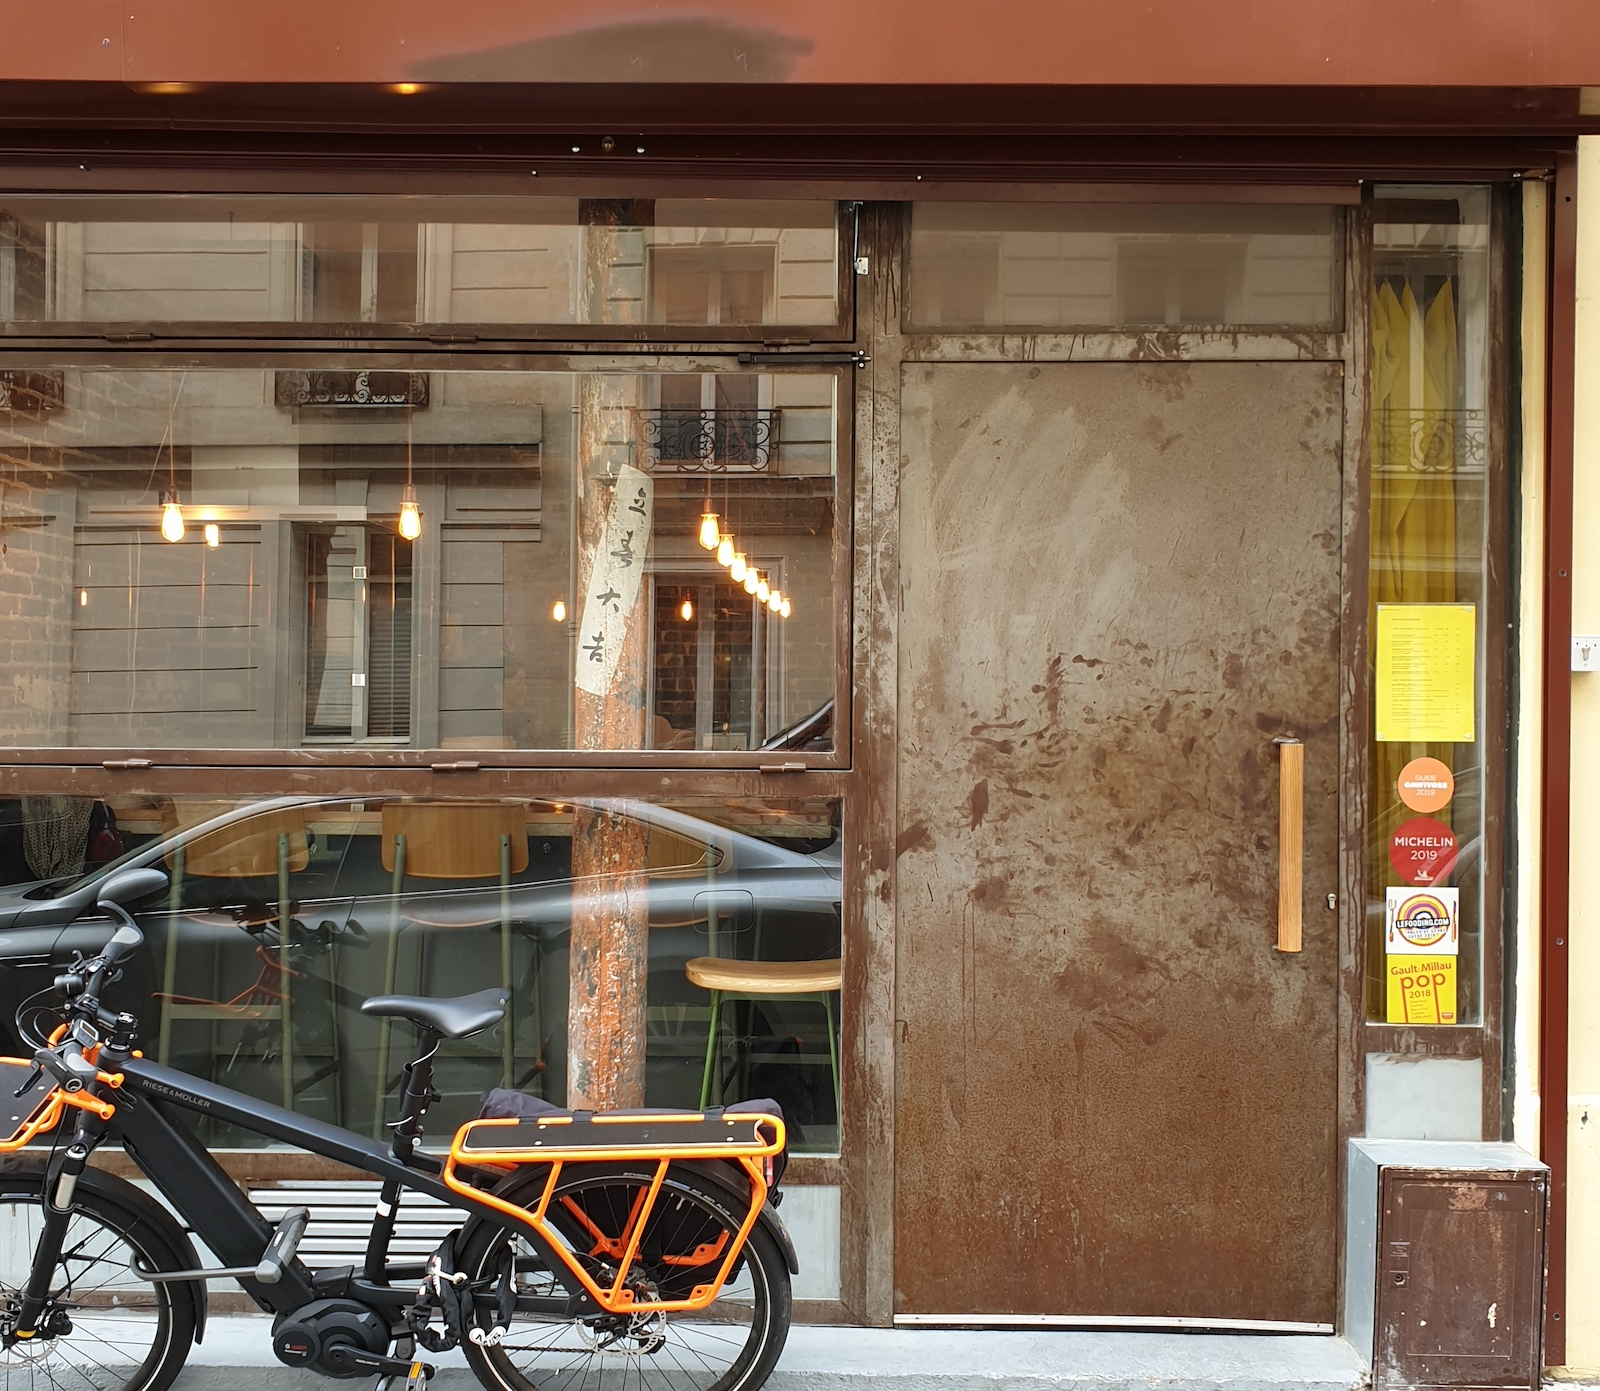 Mandoobar Restaurant Paris 1